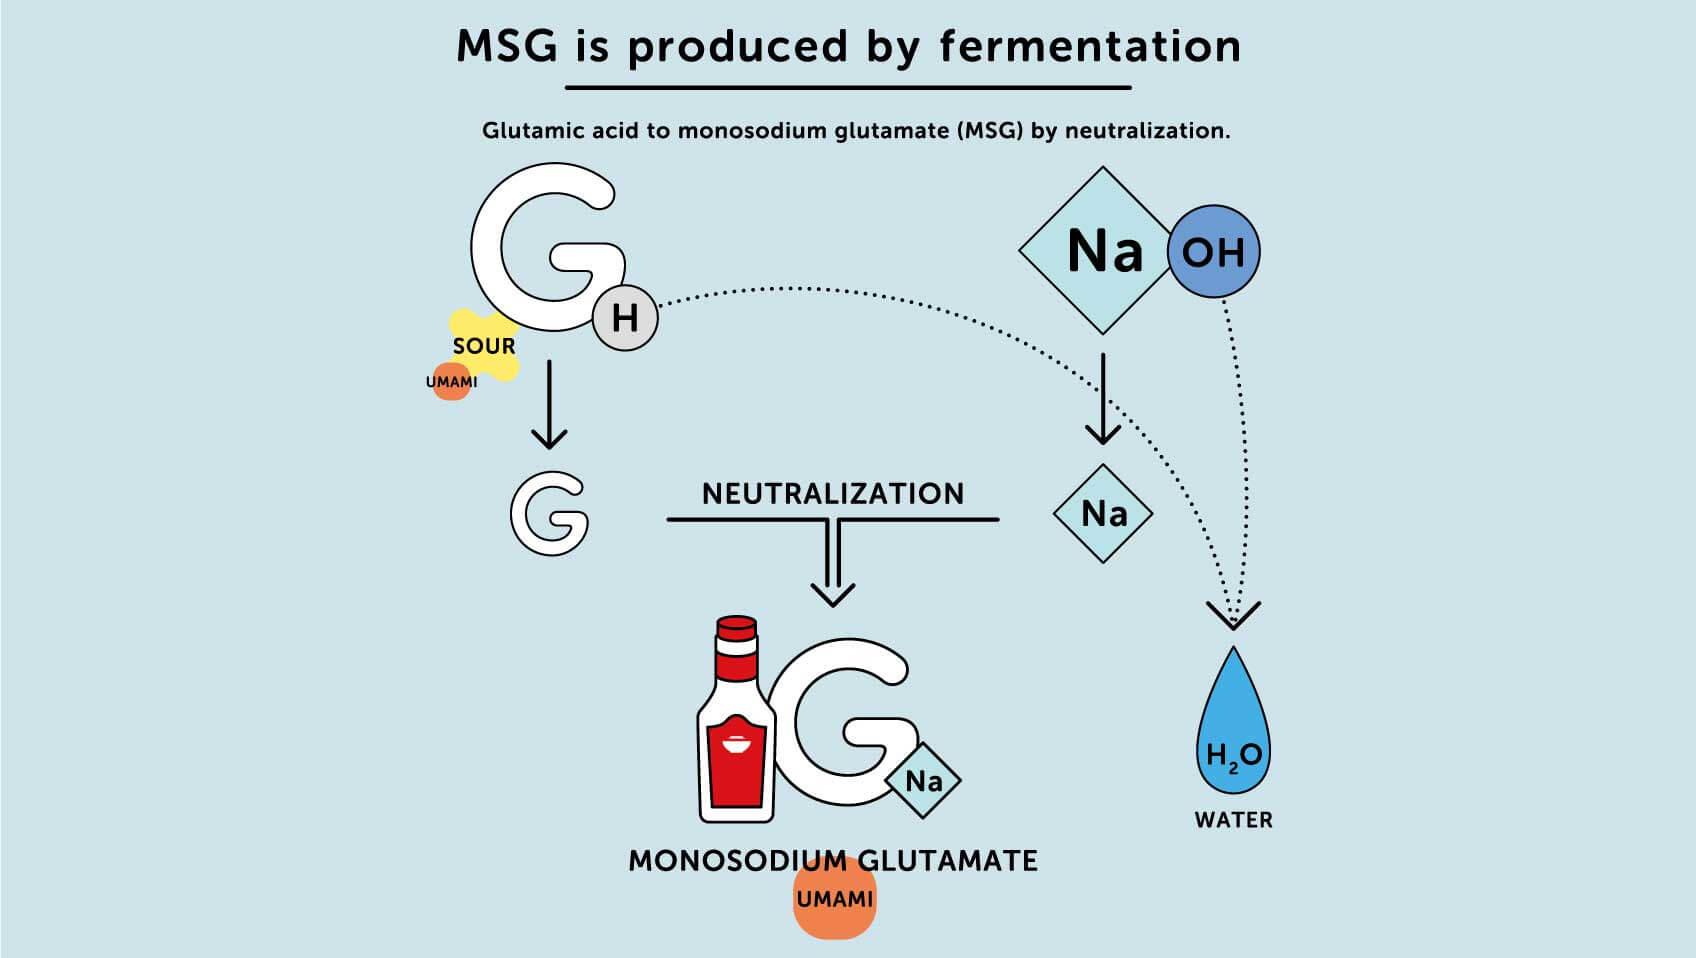 يتم إنتاج MSG عن طريق التخمير